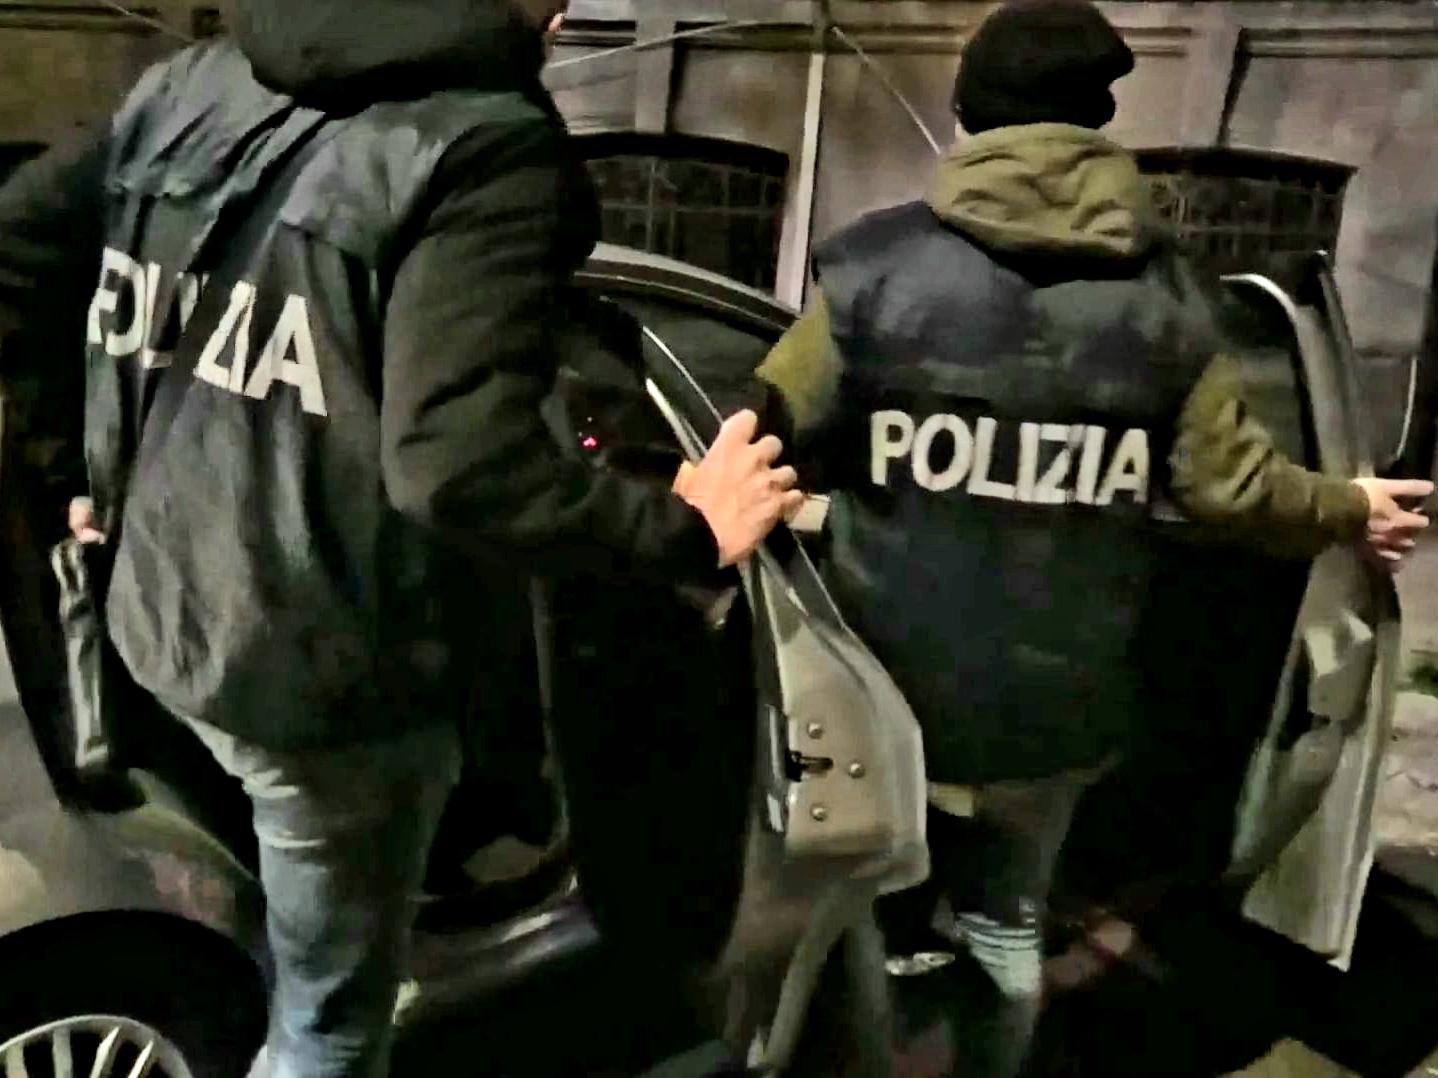 """Ingegnere Civile A Messina operazione """"ottavo cerchio"""", arrestato l'11esimo indagato: è"""